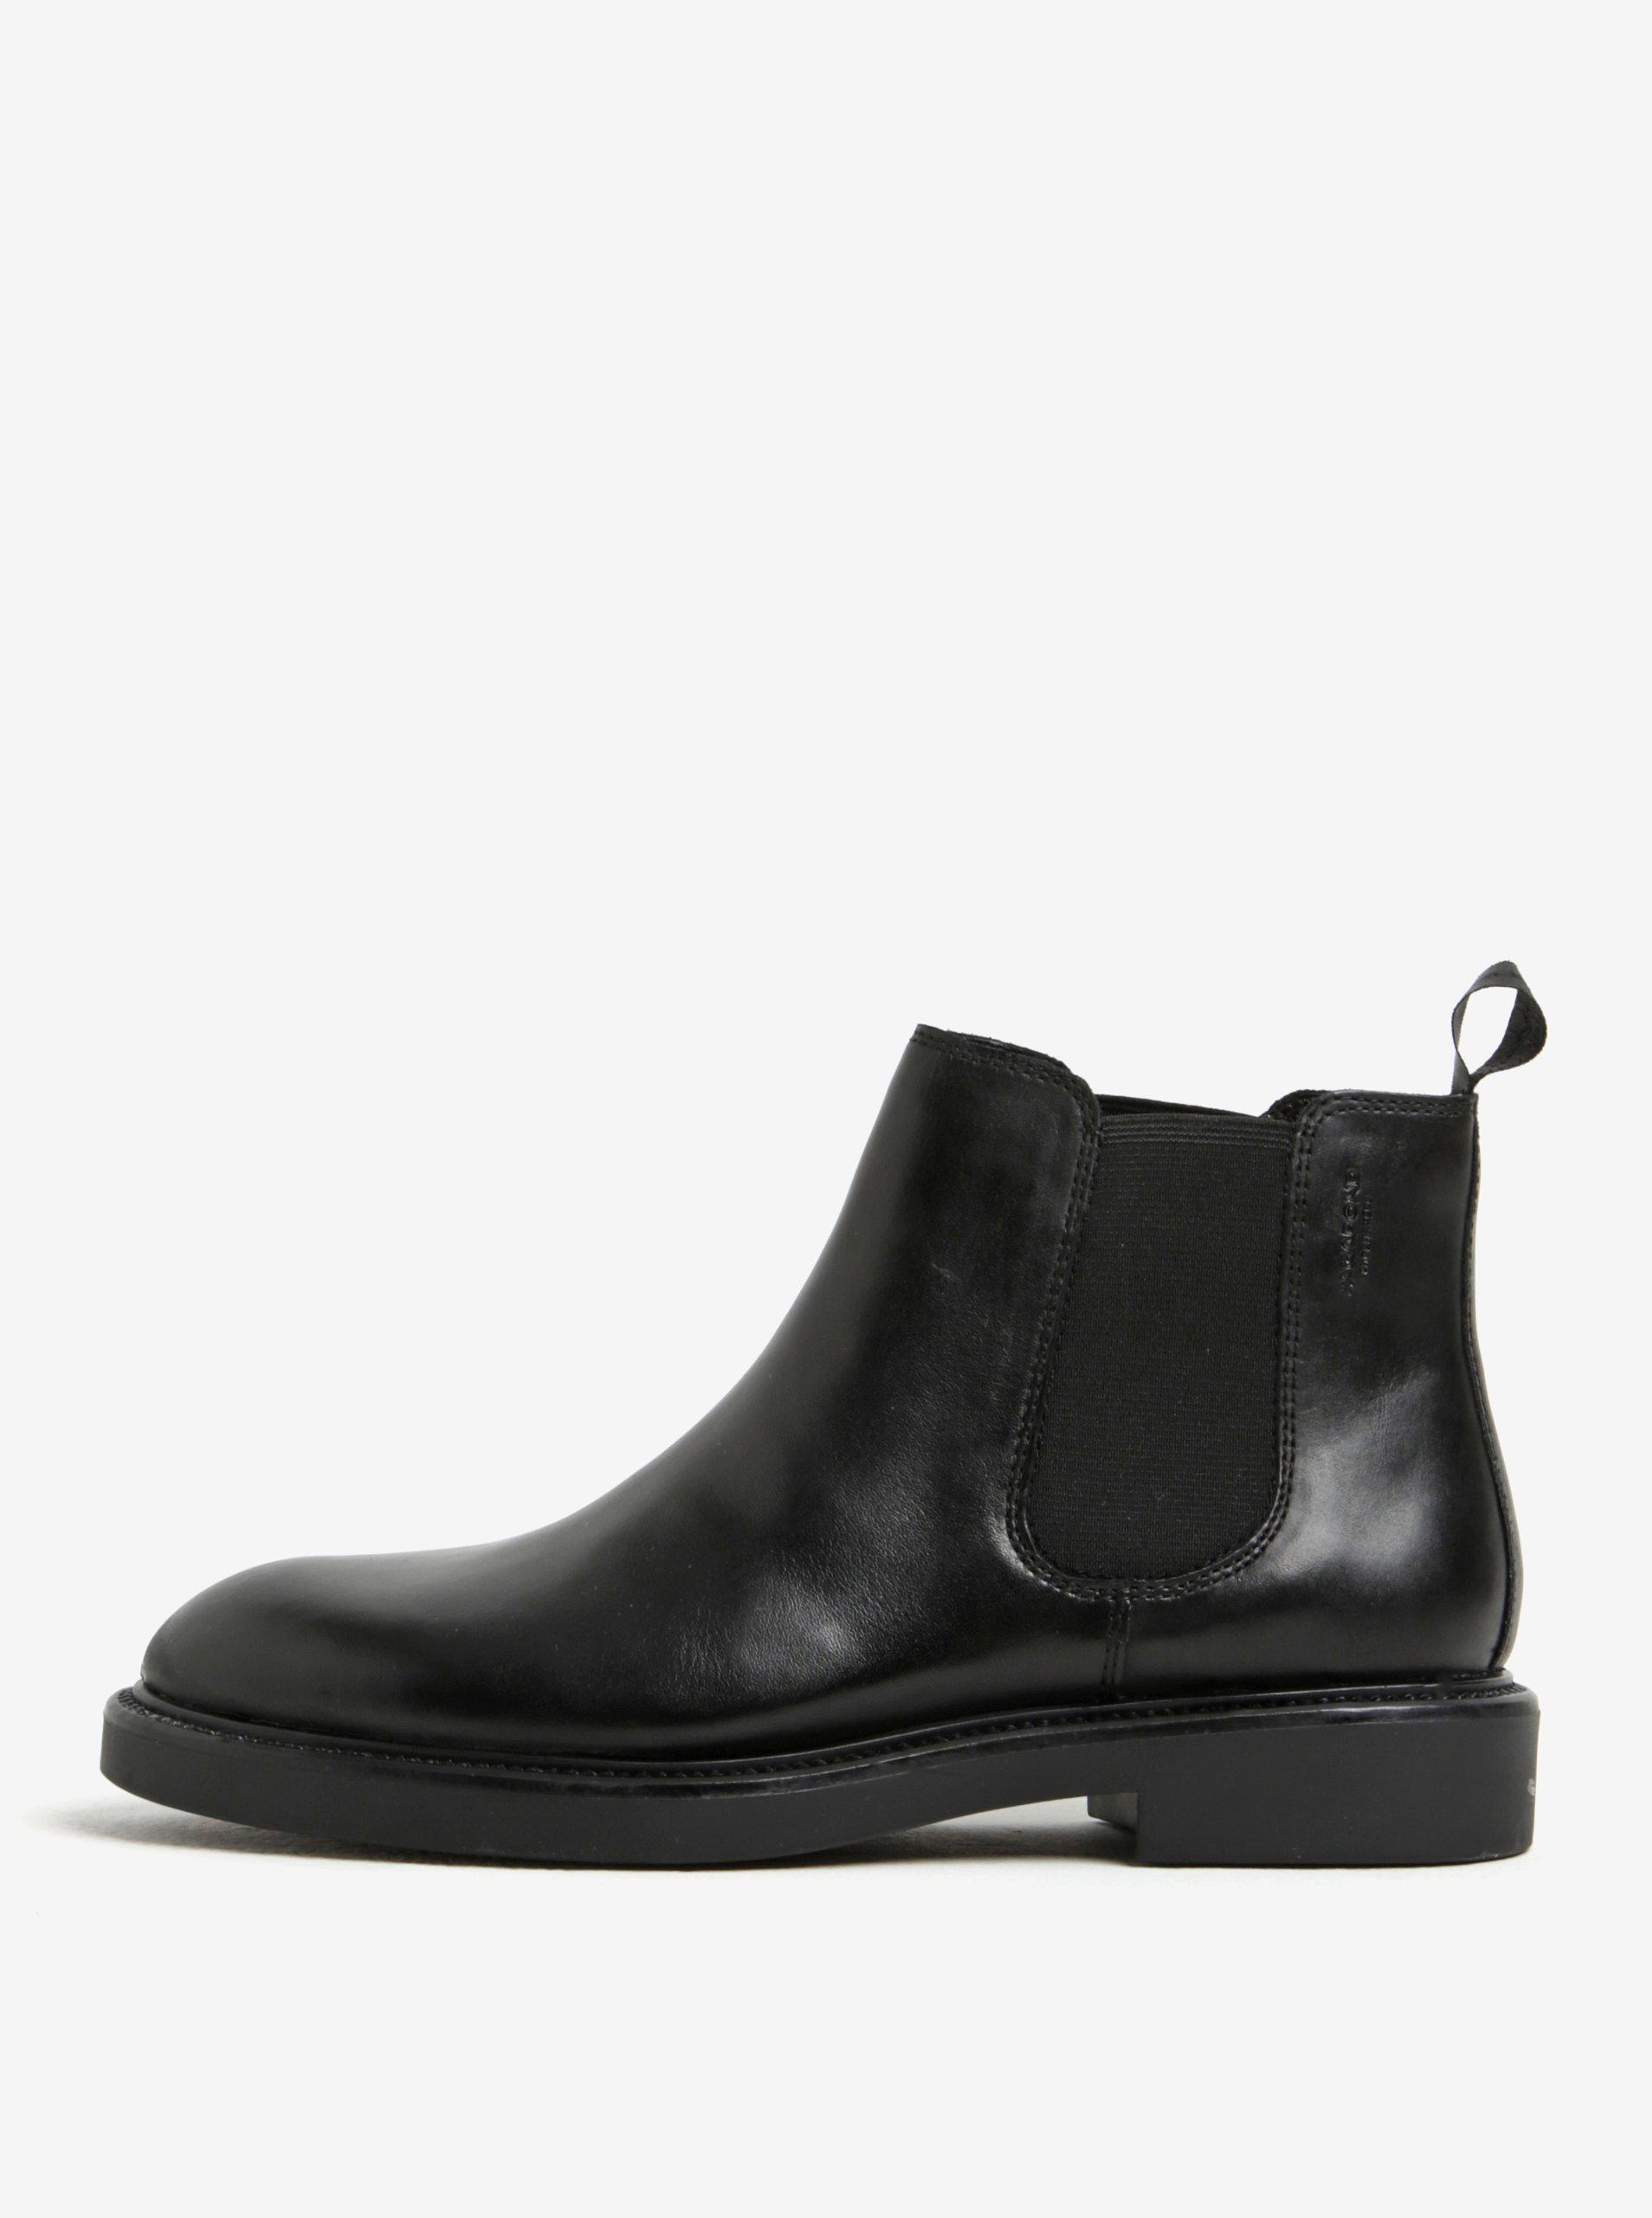 Černé dámské kožené chelsea boty Vagabond Alex